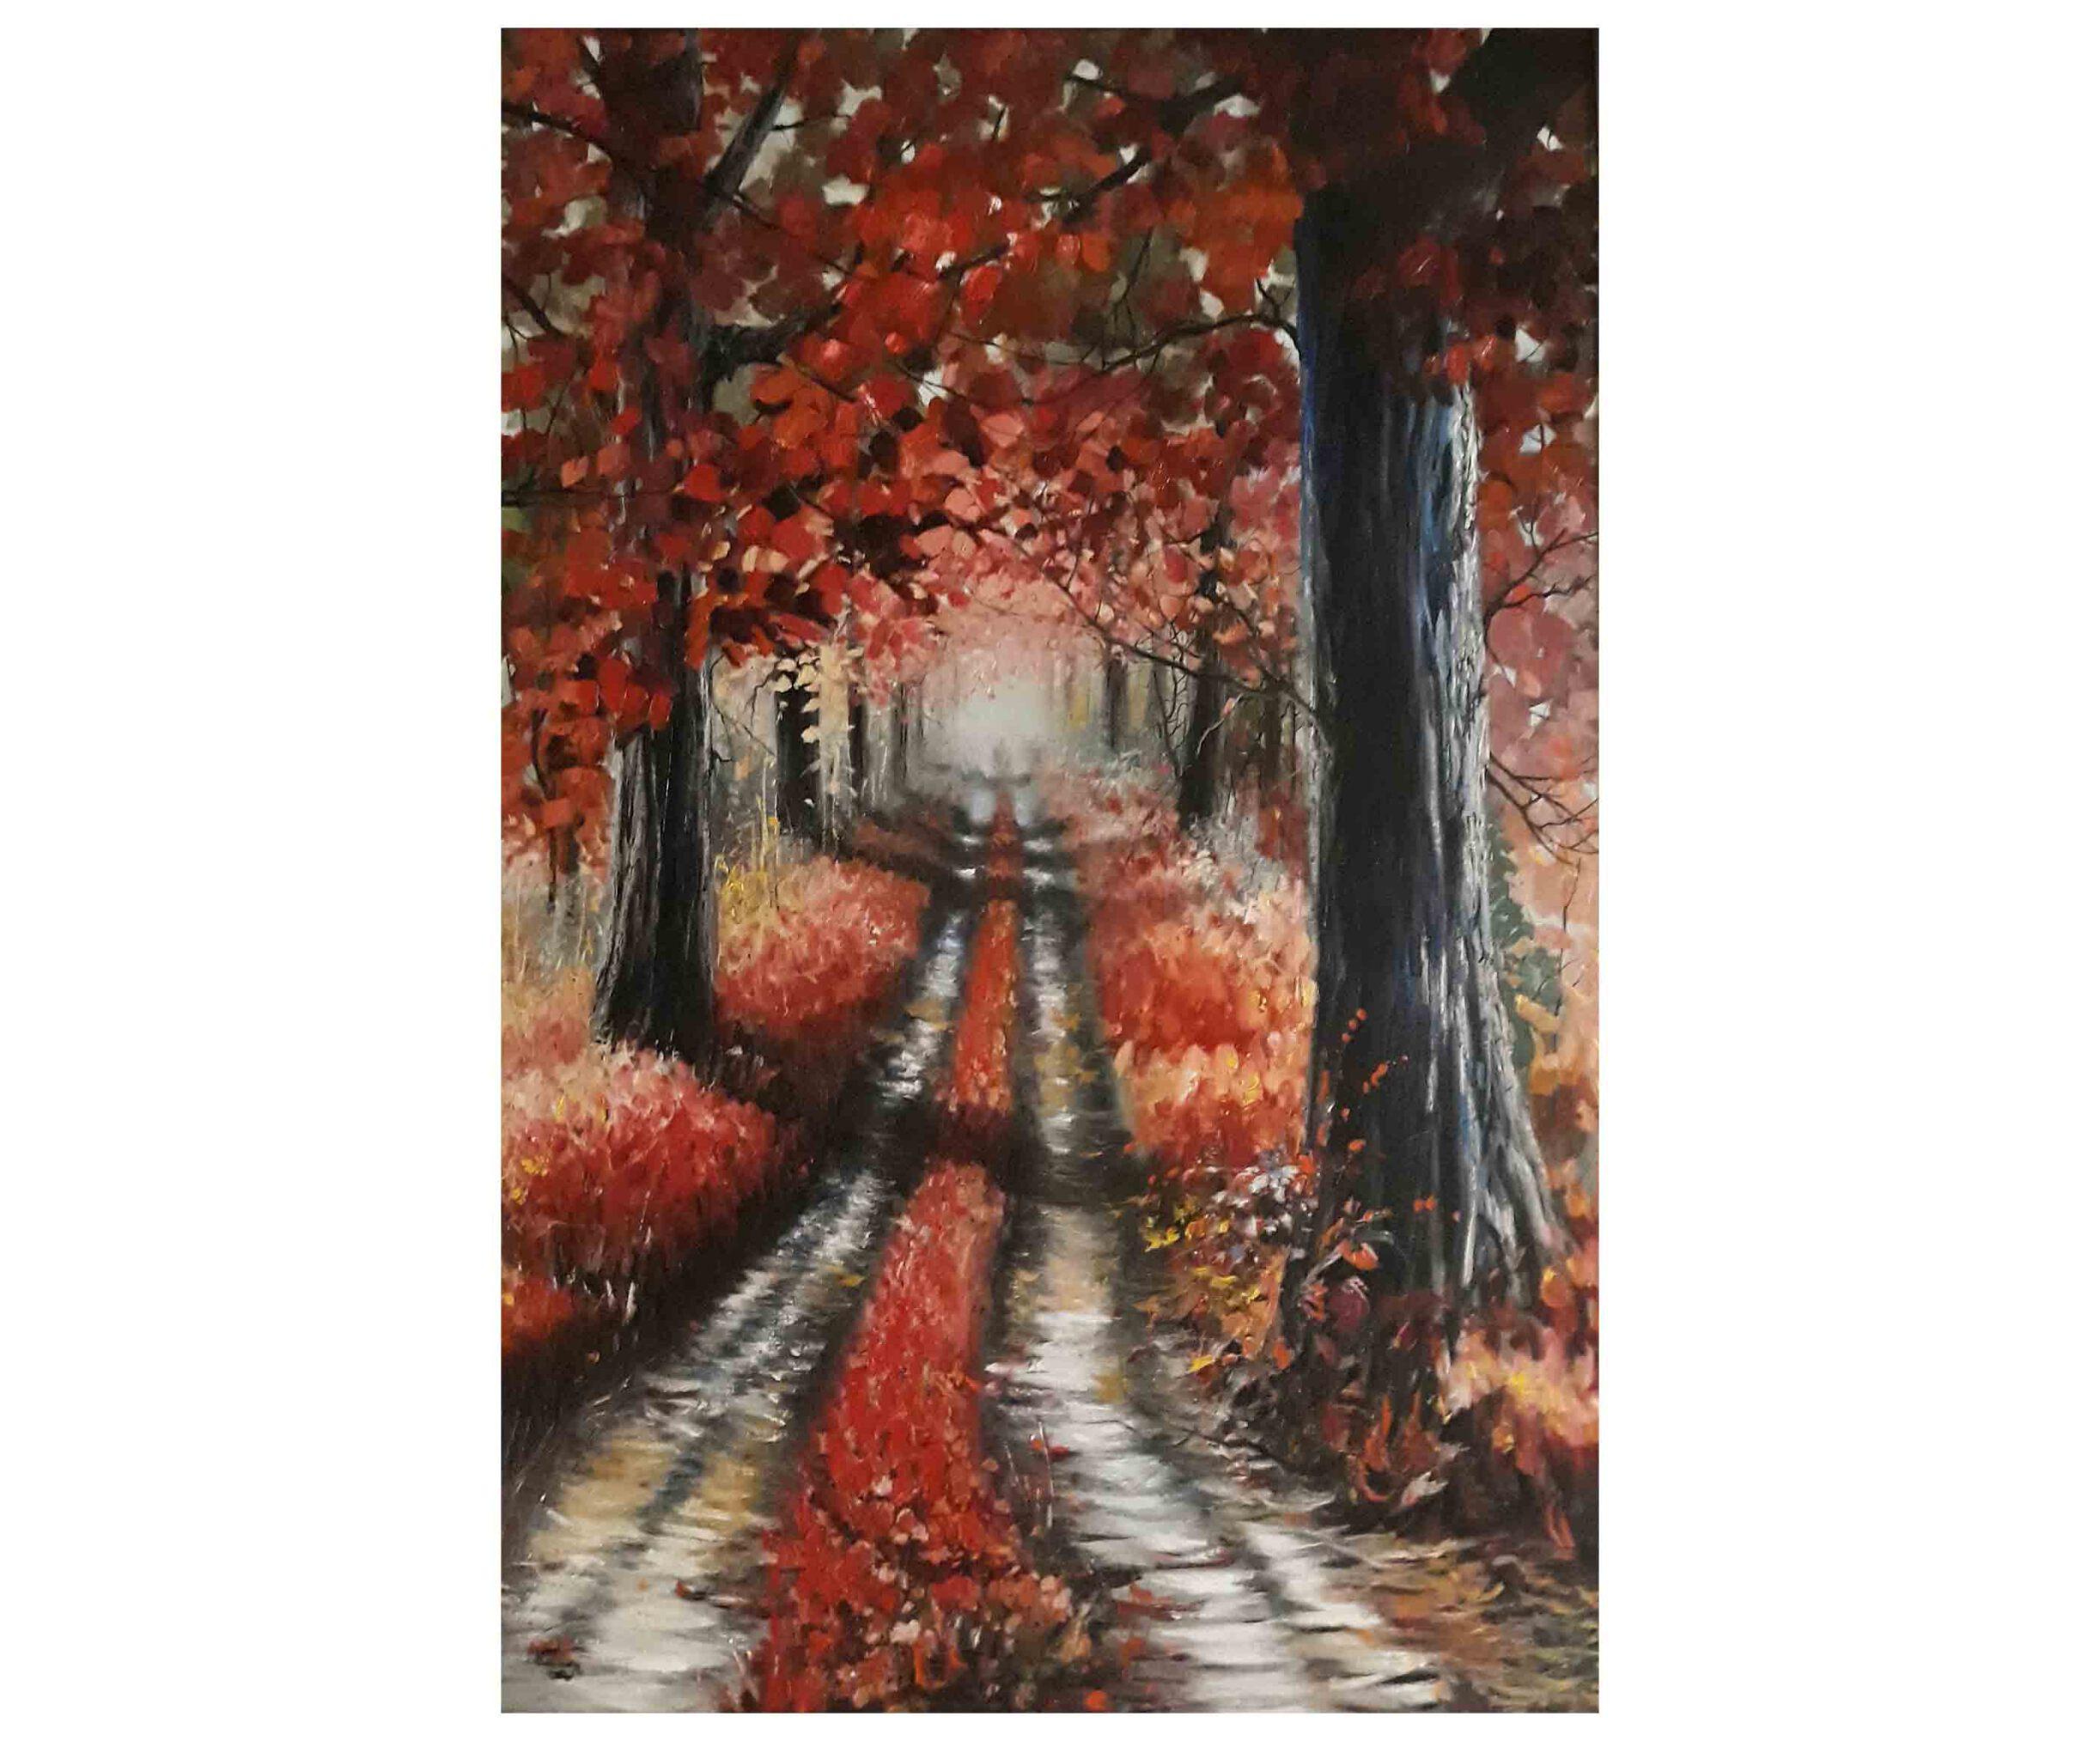 تابلو نقاشی طبیعت پاییزی به سبک امپرسیونیسم و با تکنیک رنگ روغن، تابلو نقاشی کادویی و تابلو نقاشی دکوری